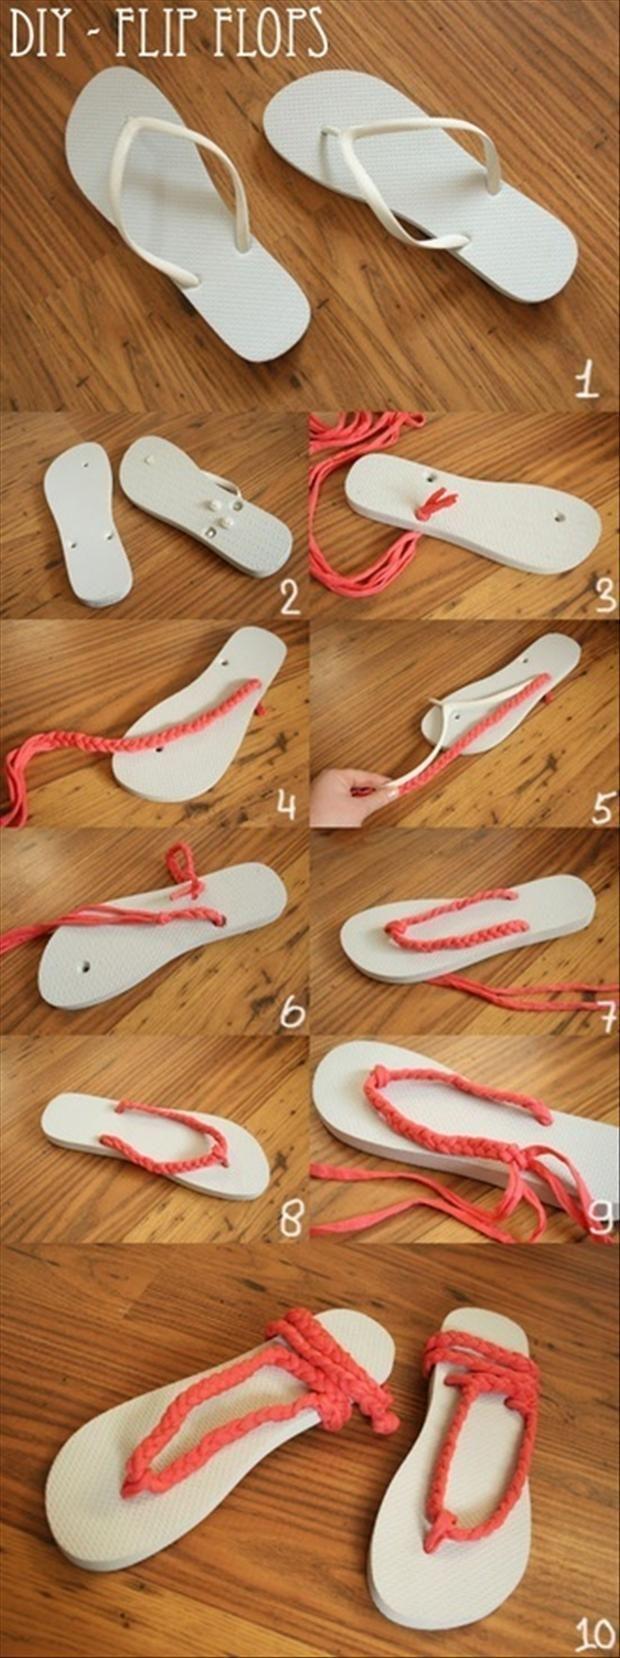 «С легким шагом!», или 28 идей декорирования сланцев